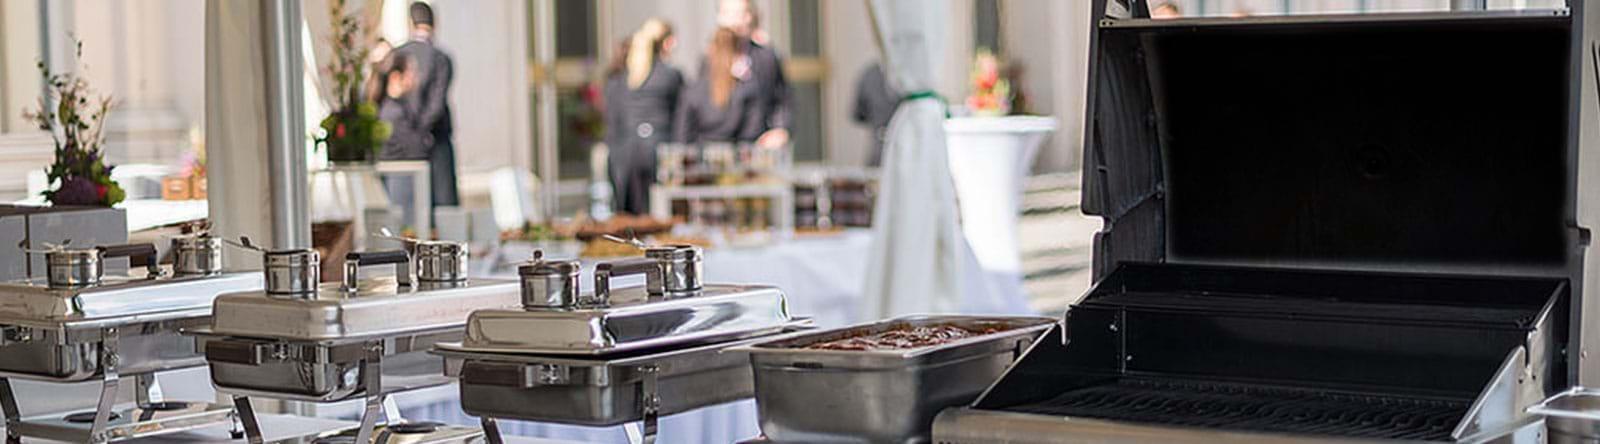 Sommerfeier Buffet Grill